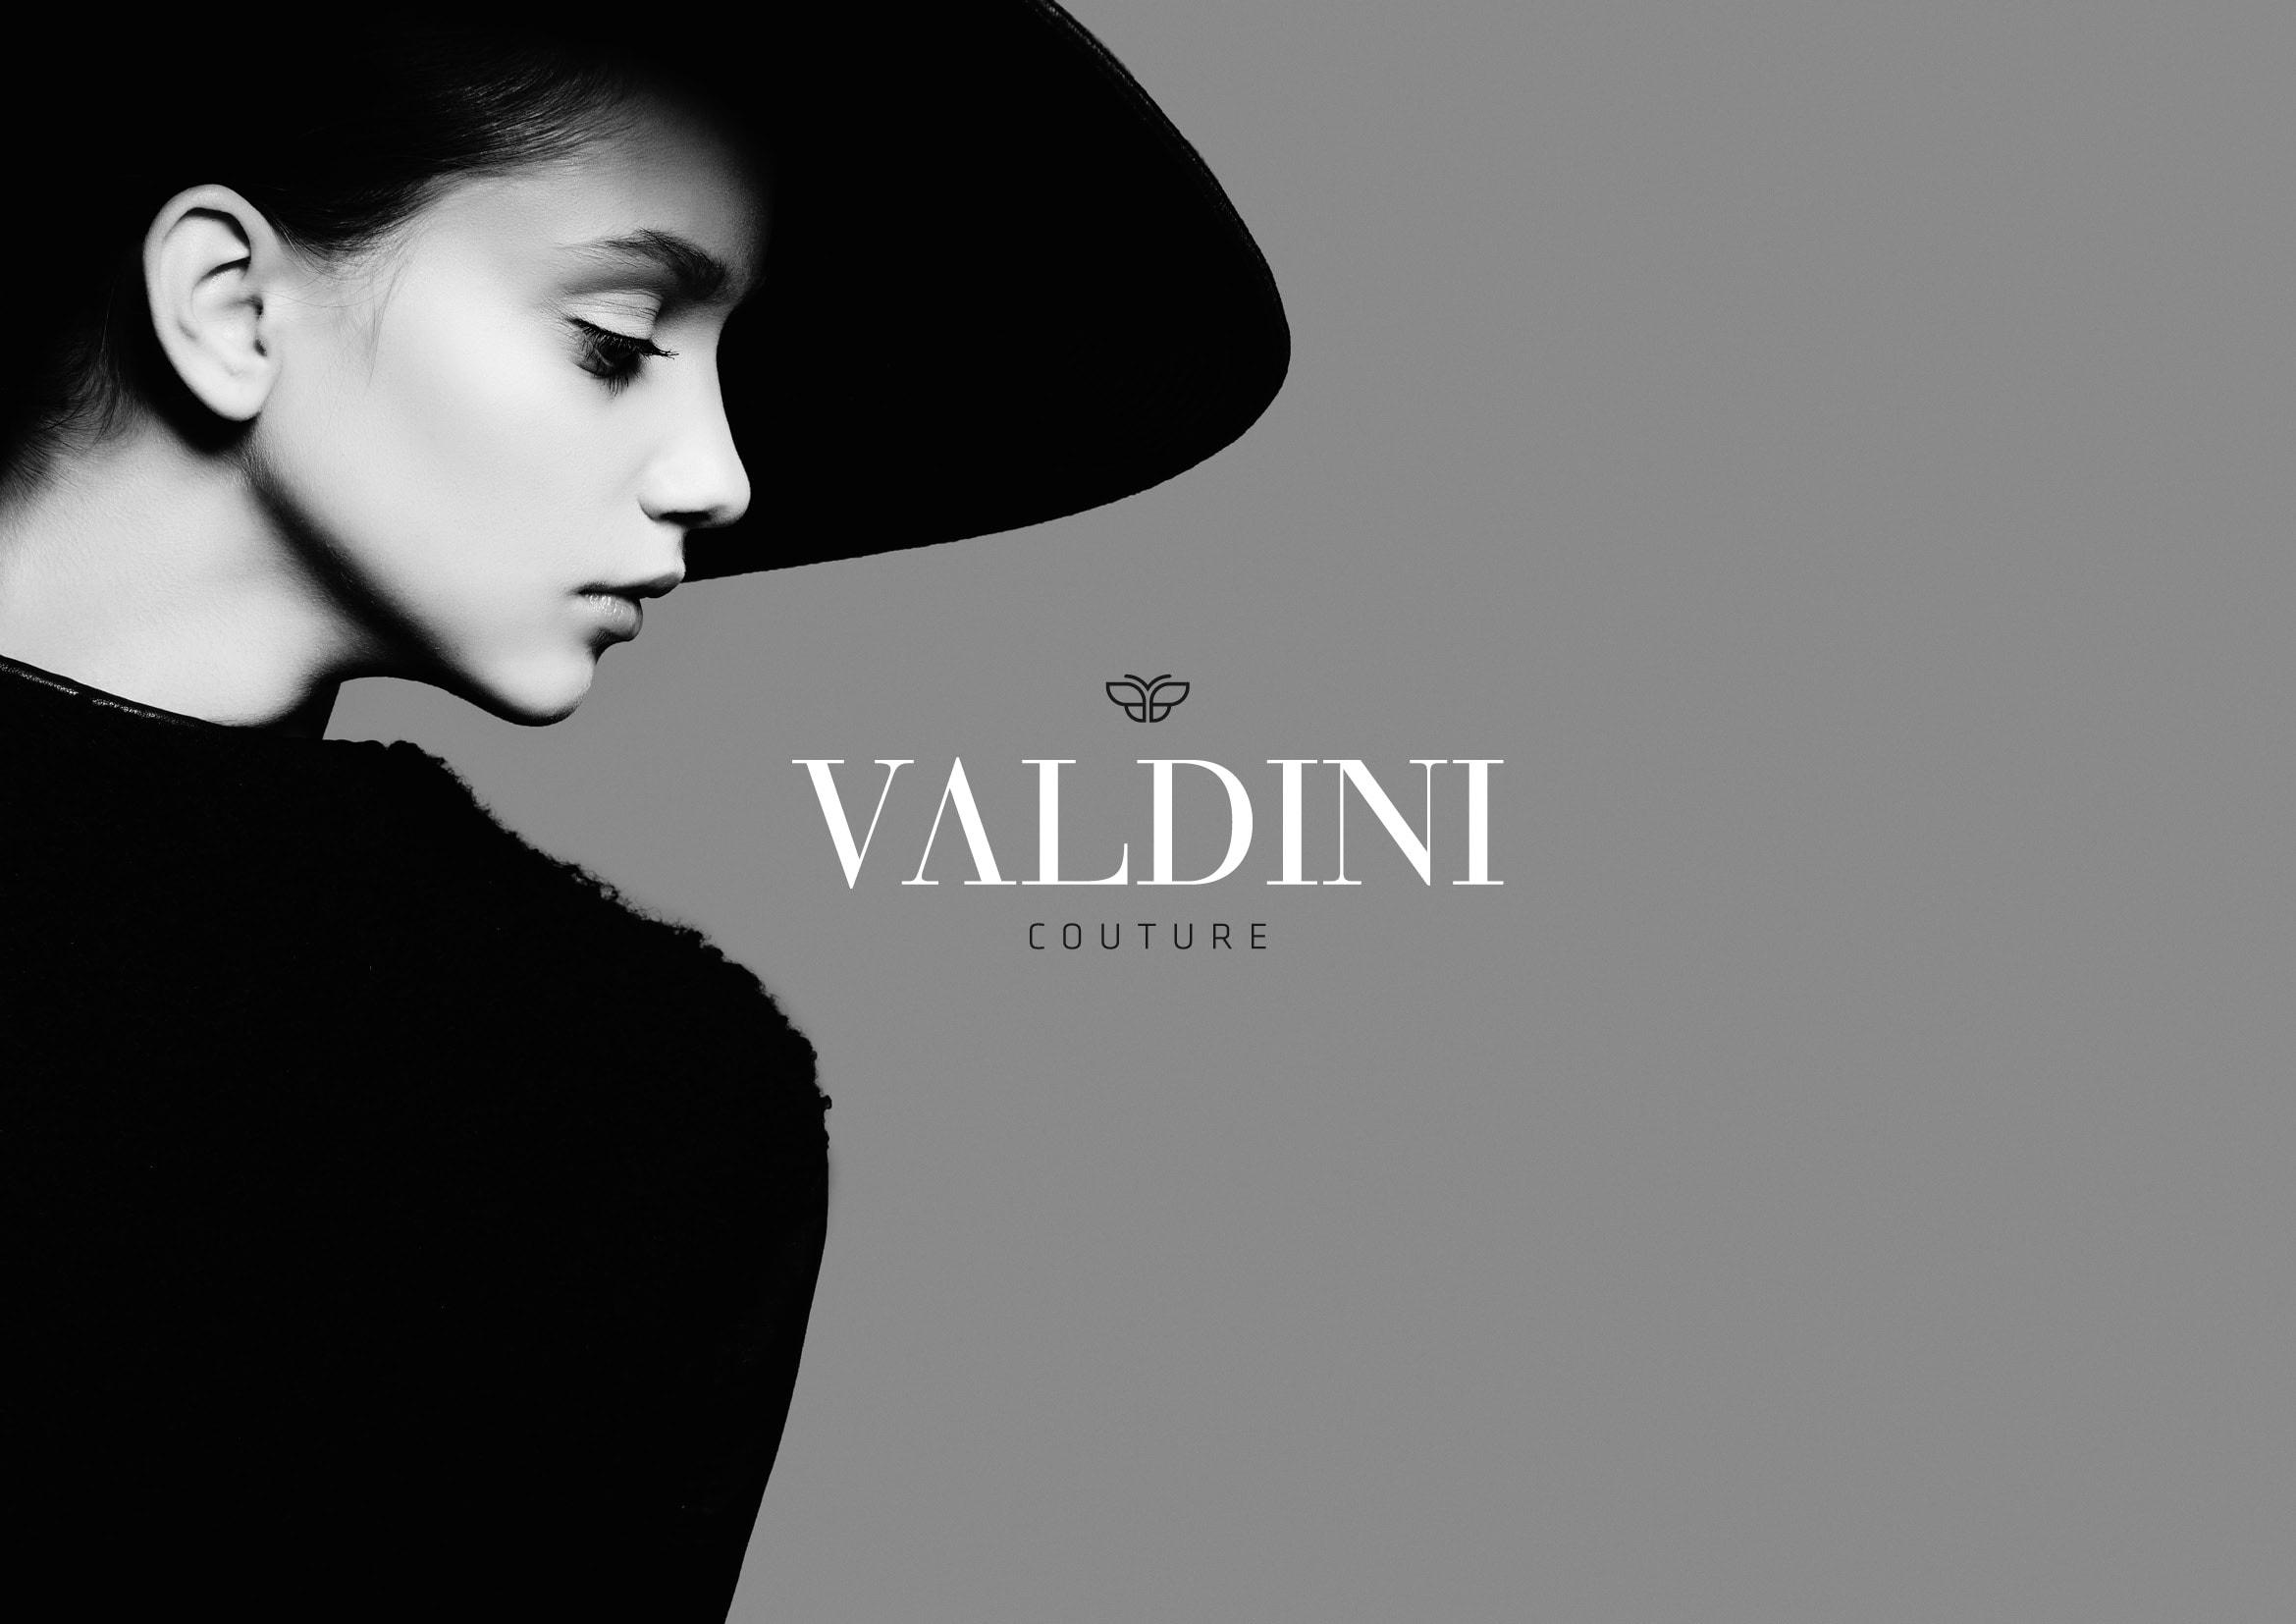 Corporate Design und Logoentwicklung für Valdini Couture durch Ronald Wissler Visuelle Kommunikation